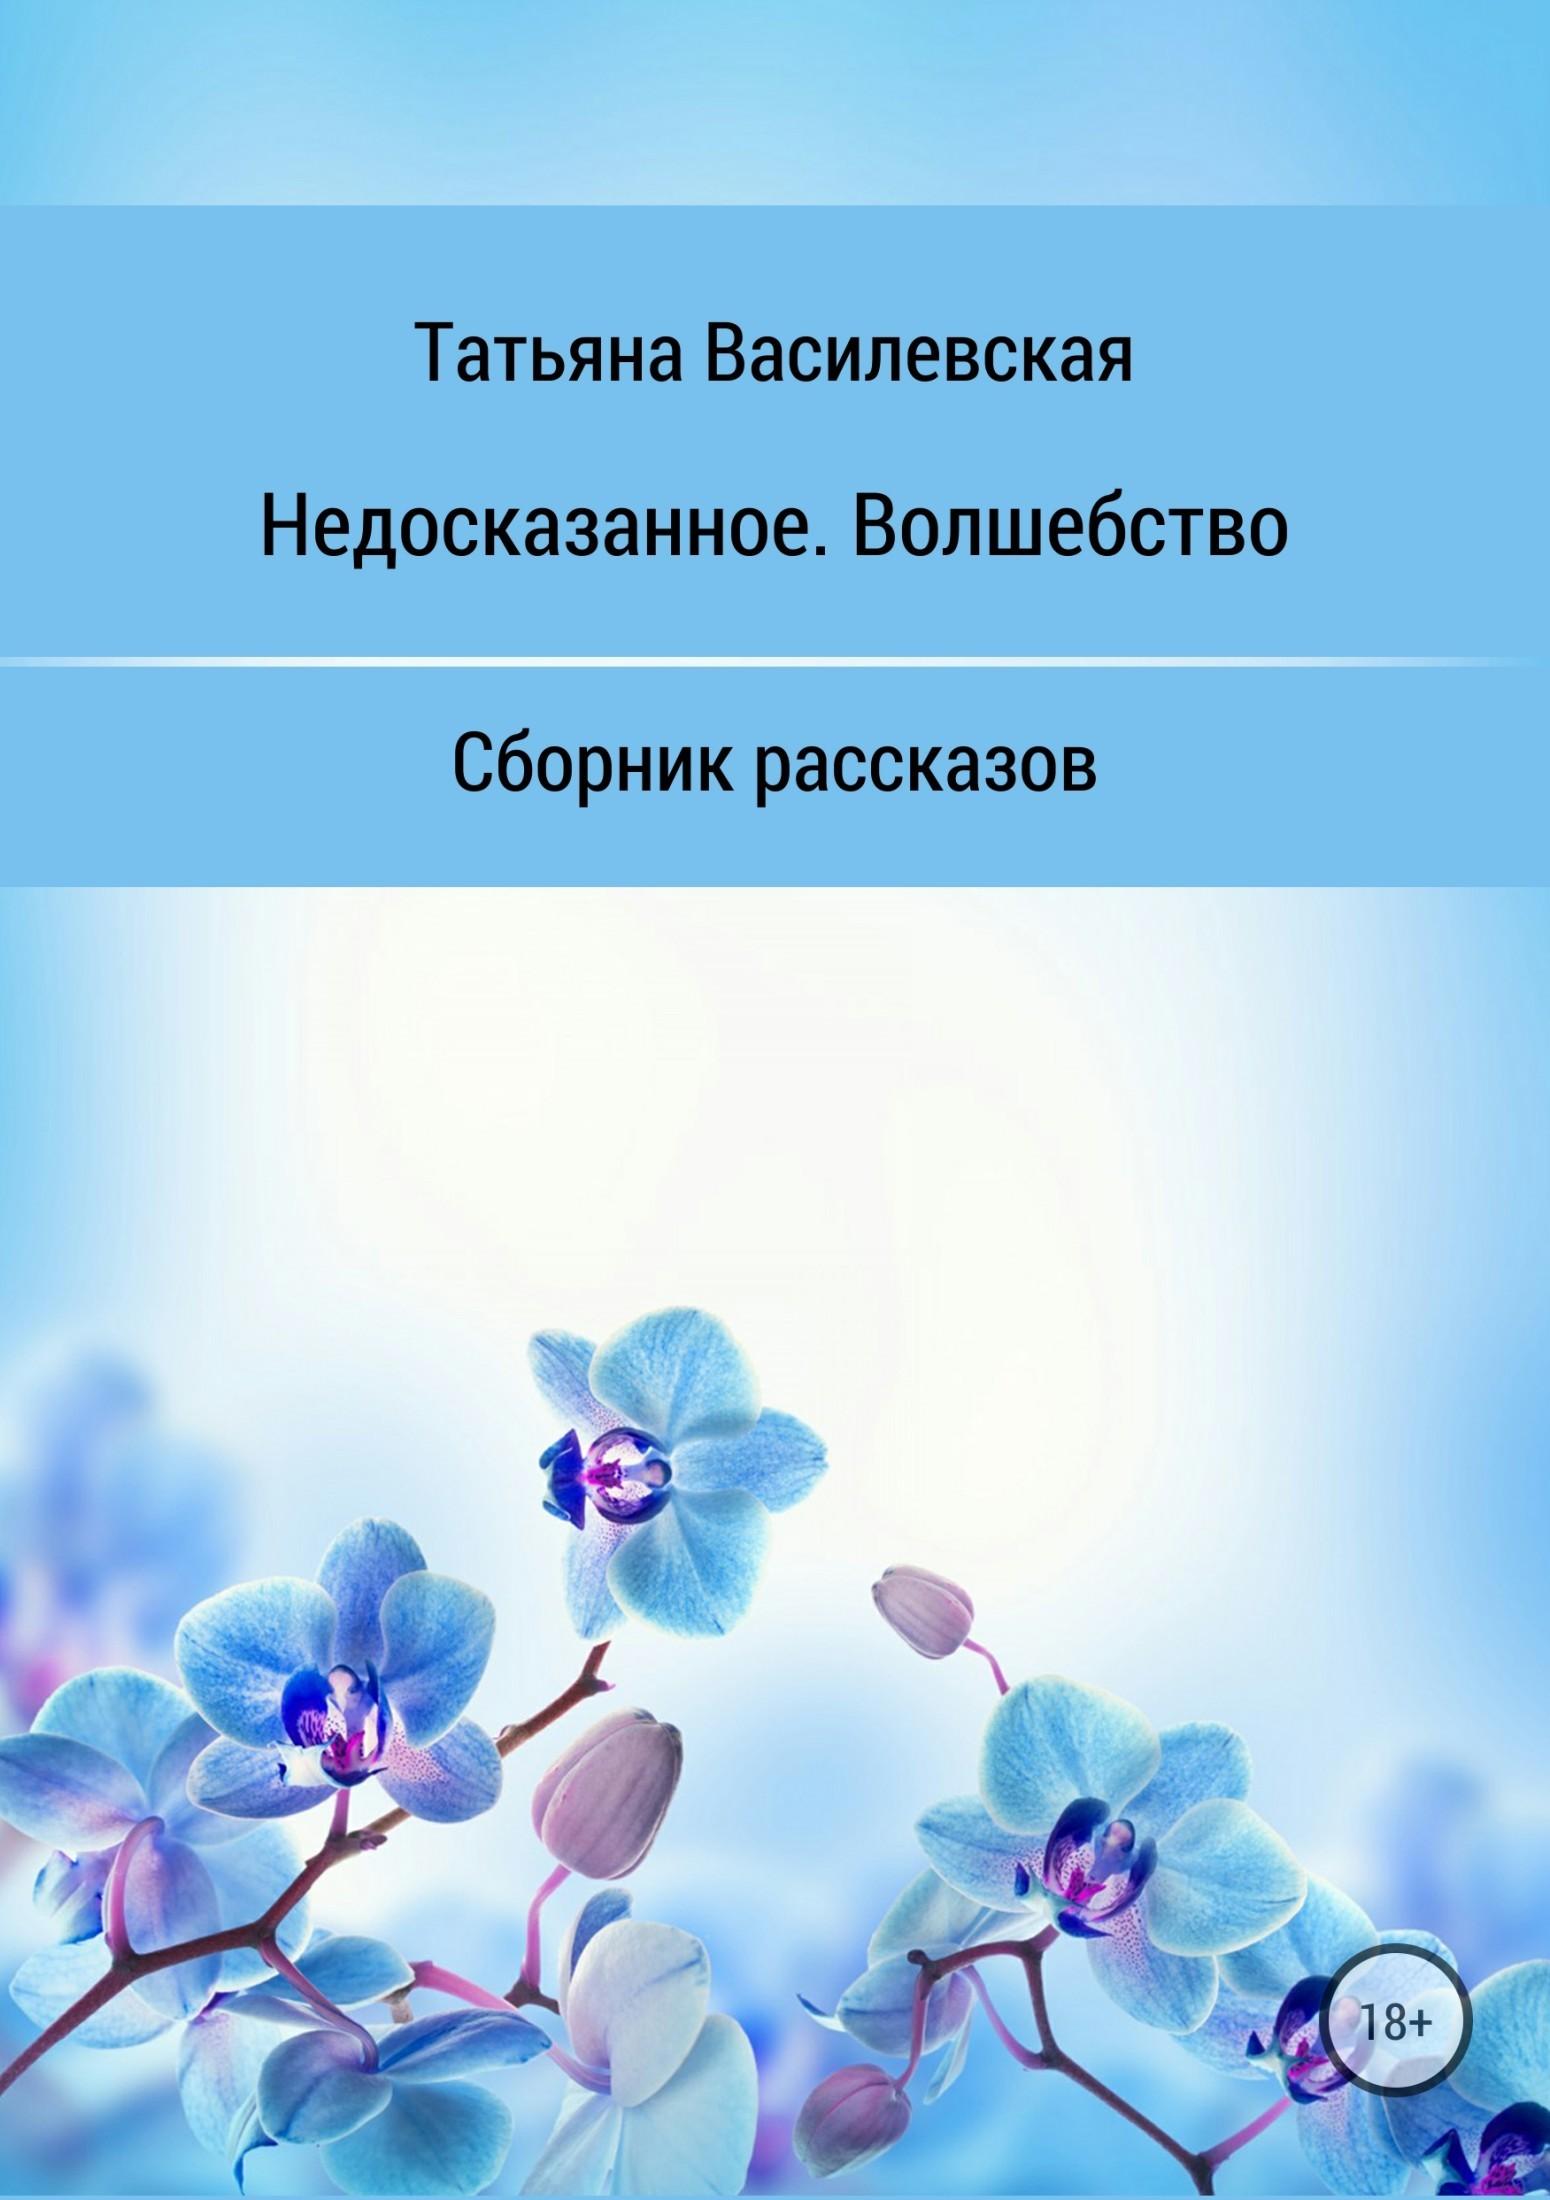 Татьяна Михайловна Василевская Недосказанное. Волшебство. Сборник рассказов